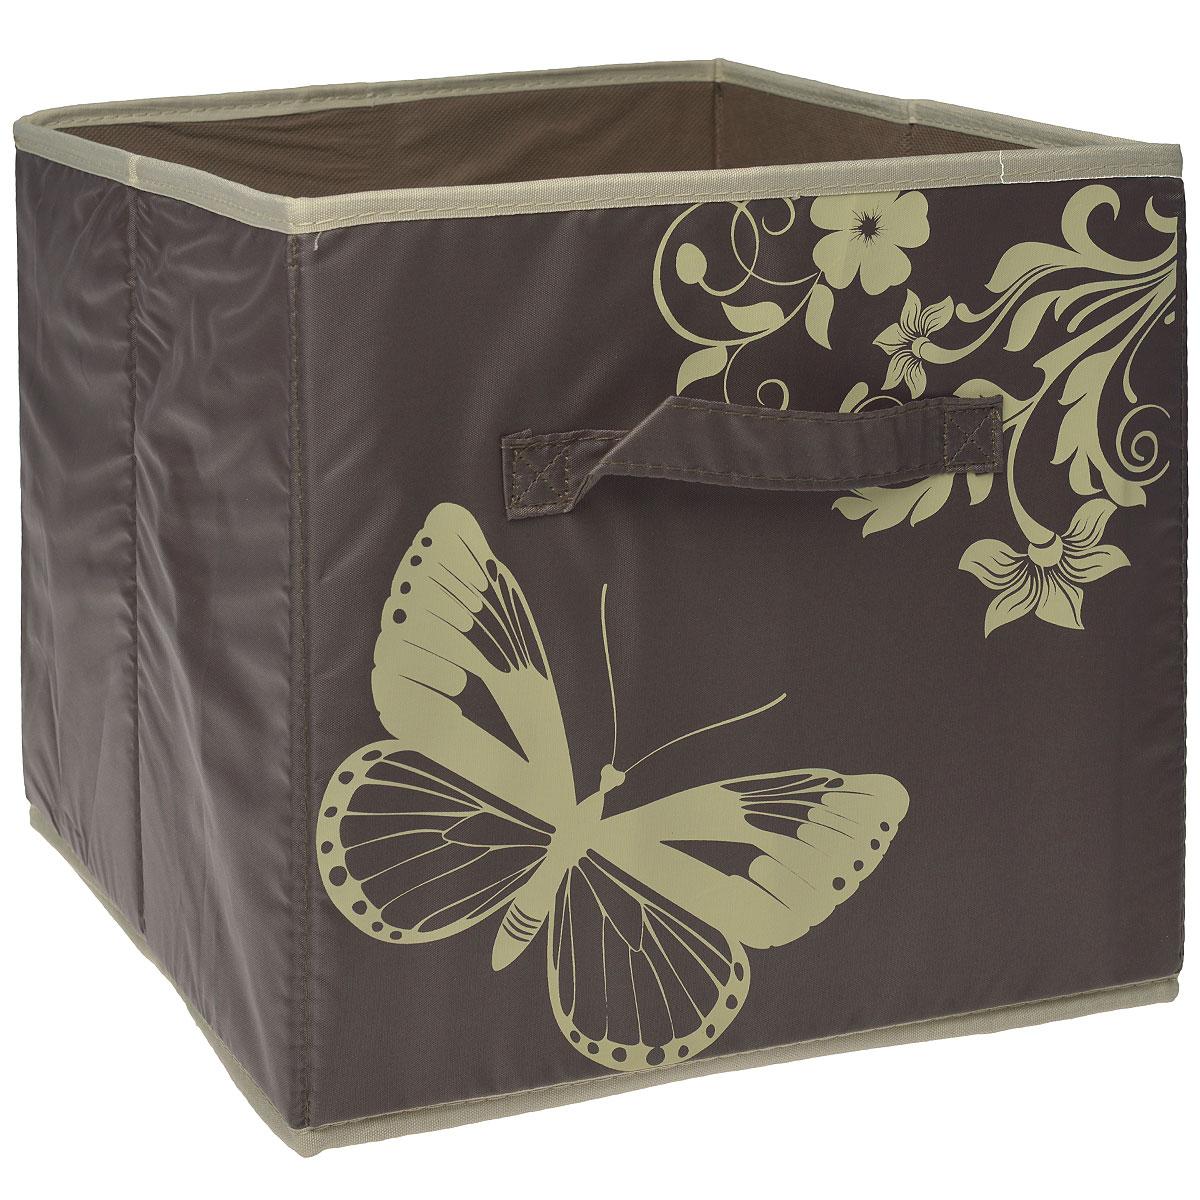 Ящик для хранения Hausmann, без крышки, цвет: коричневый, 31 x 34 x 29,5 смВетерок-2 У_6 поддоновЯщик для хранения Hausmann выполнен из высококачественного нетканого волокна и полиэстера и декорирован изображением бабочек. Во внутрь стенок вставлен плотный картон, благодаря которому ящик сохраняет свою форму. Особая конструкция позволяет при необходимости быстро сложить или разложить ящик. Такой ящик сэкономит место и сохранит порядок в доме. Материал: нетканое волокно, полиэстер, картон.